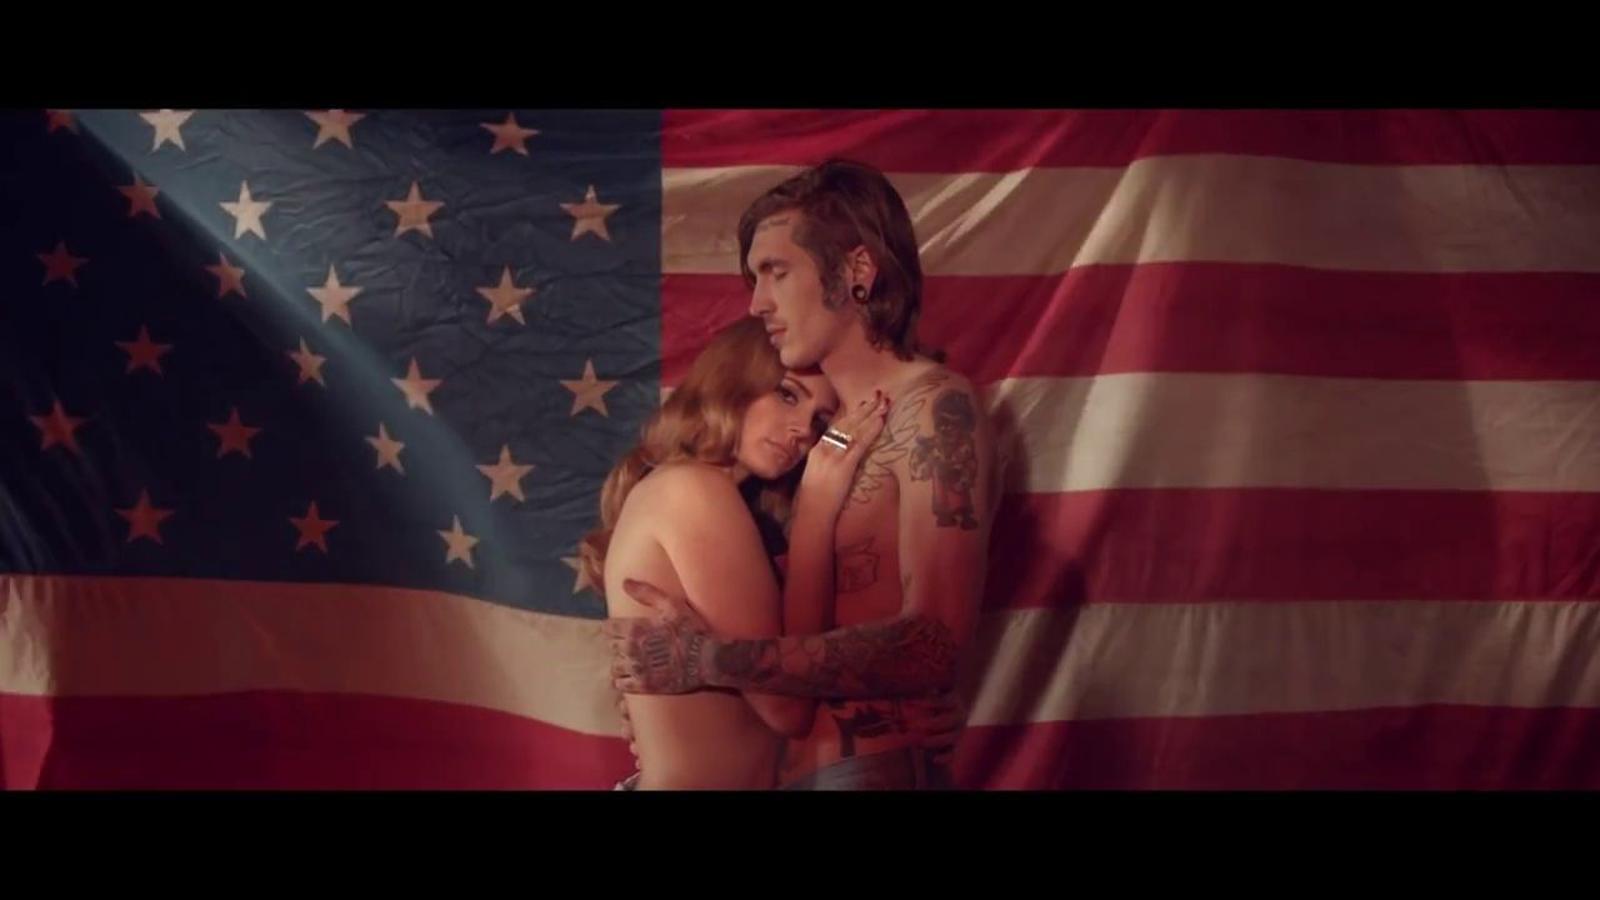 Els videoclips del Sónar 2012: 'Born to die' de Lana del Rey